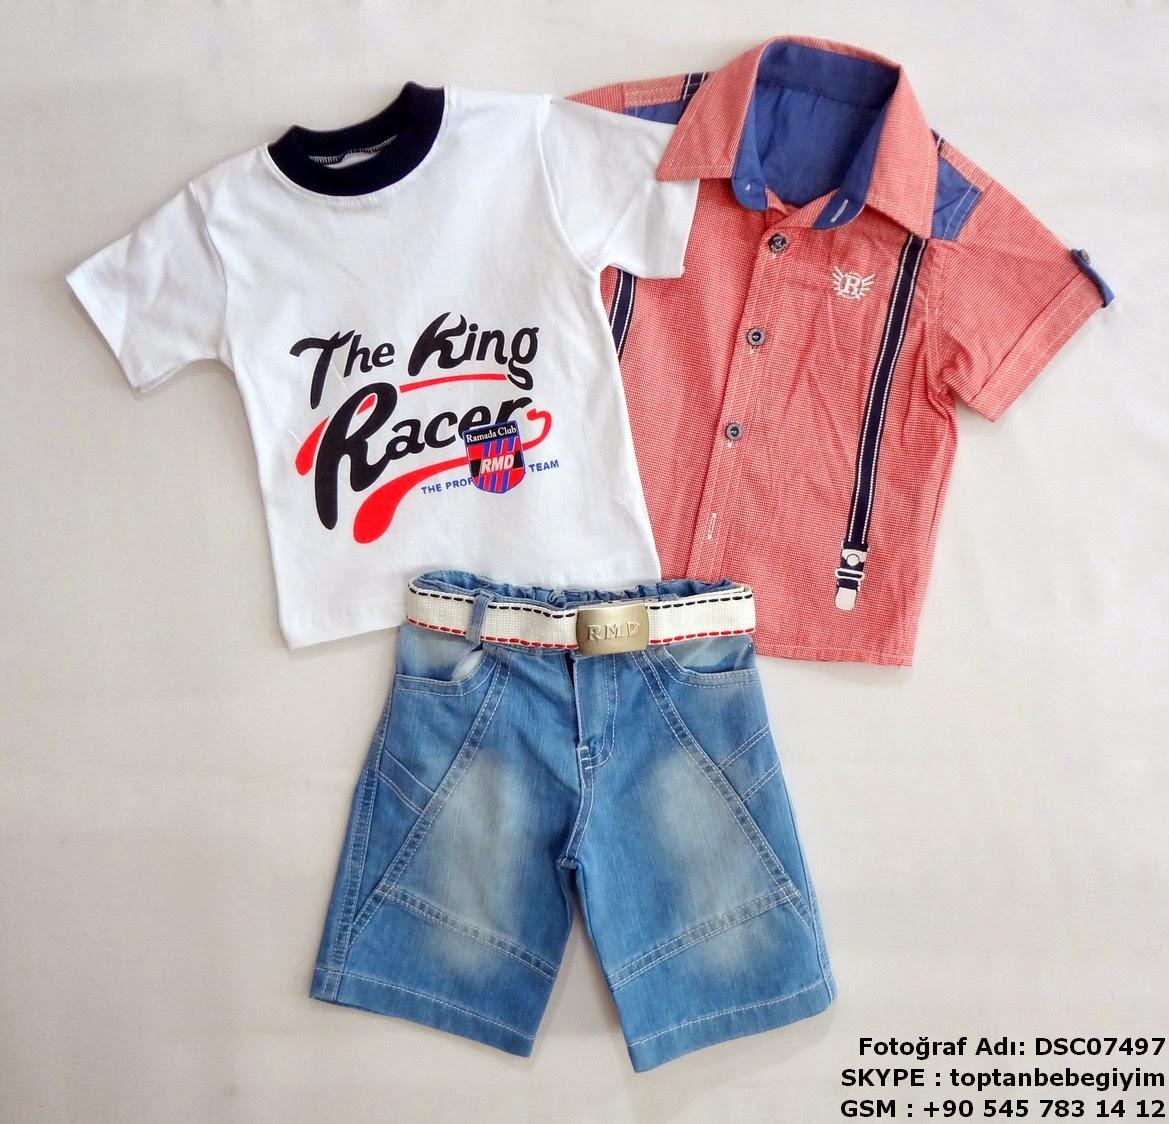 Toptan Çocuk Giyim ürünler ve fiyatlarımız